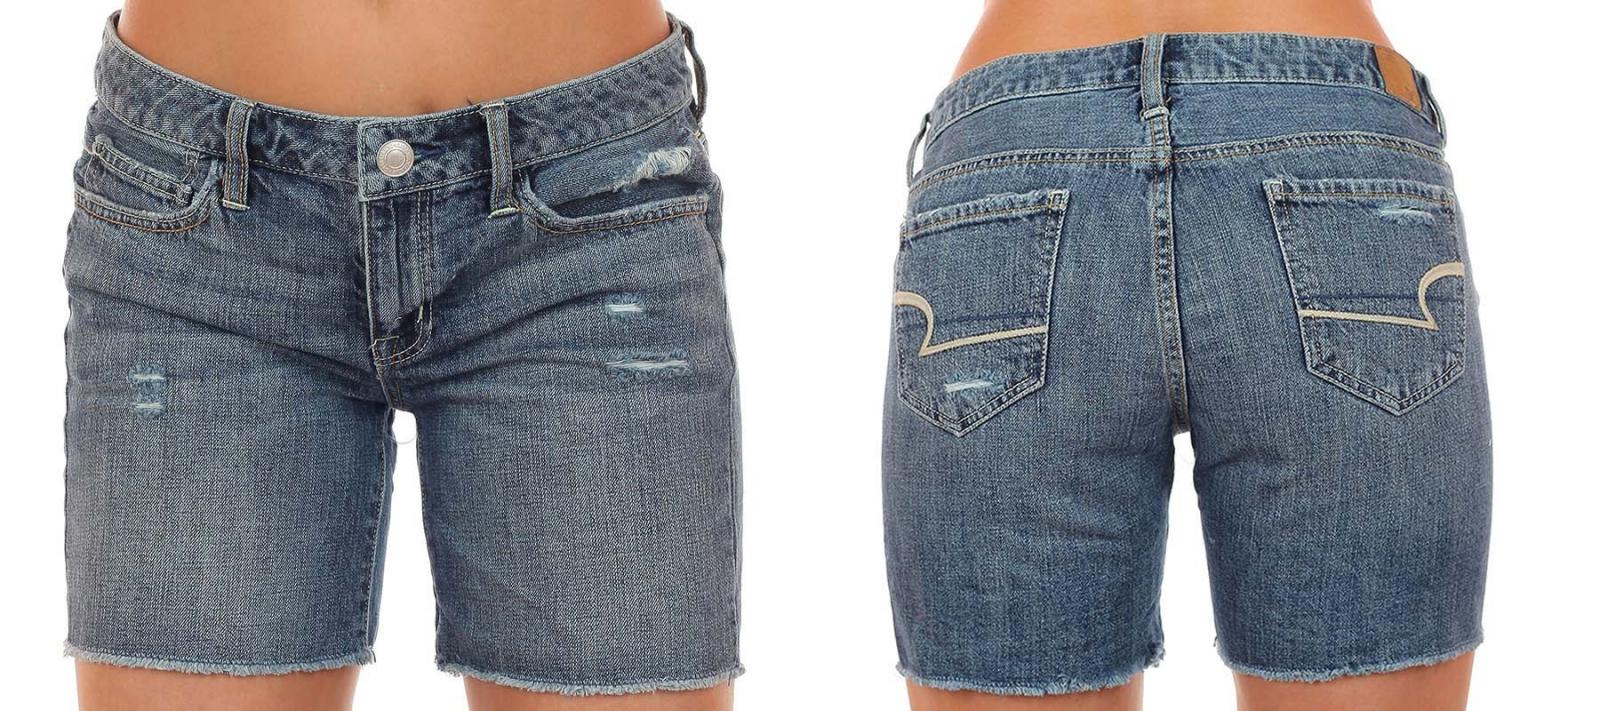 Купить джинсовые шорты в интернет магазине